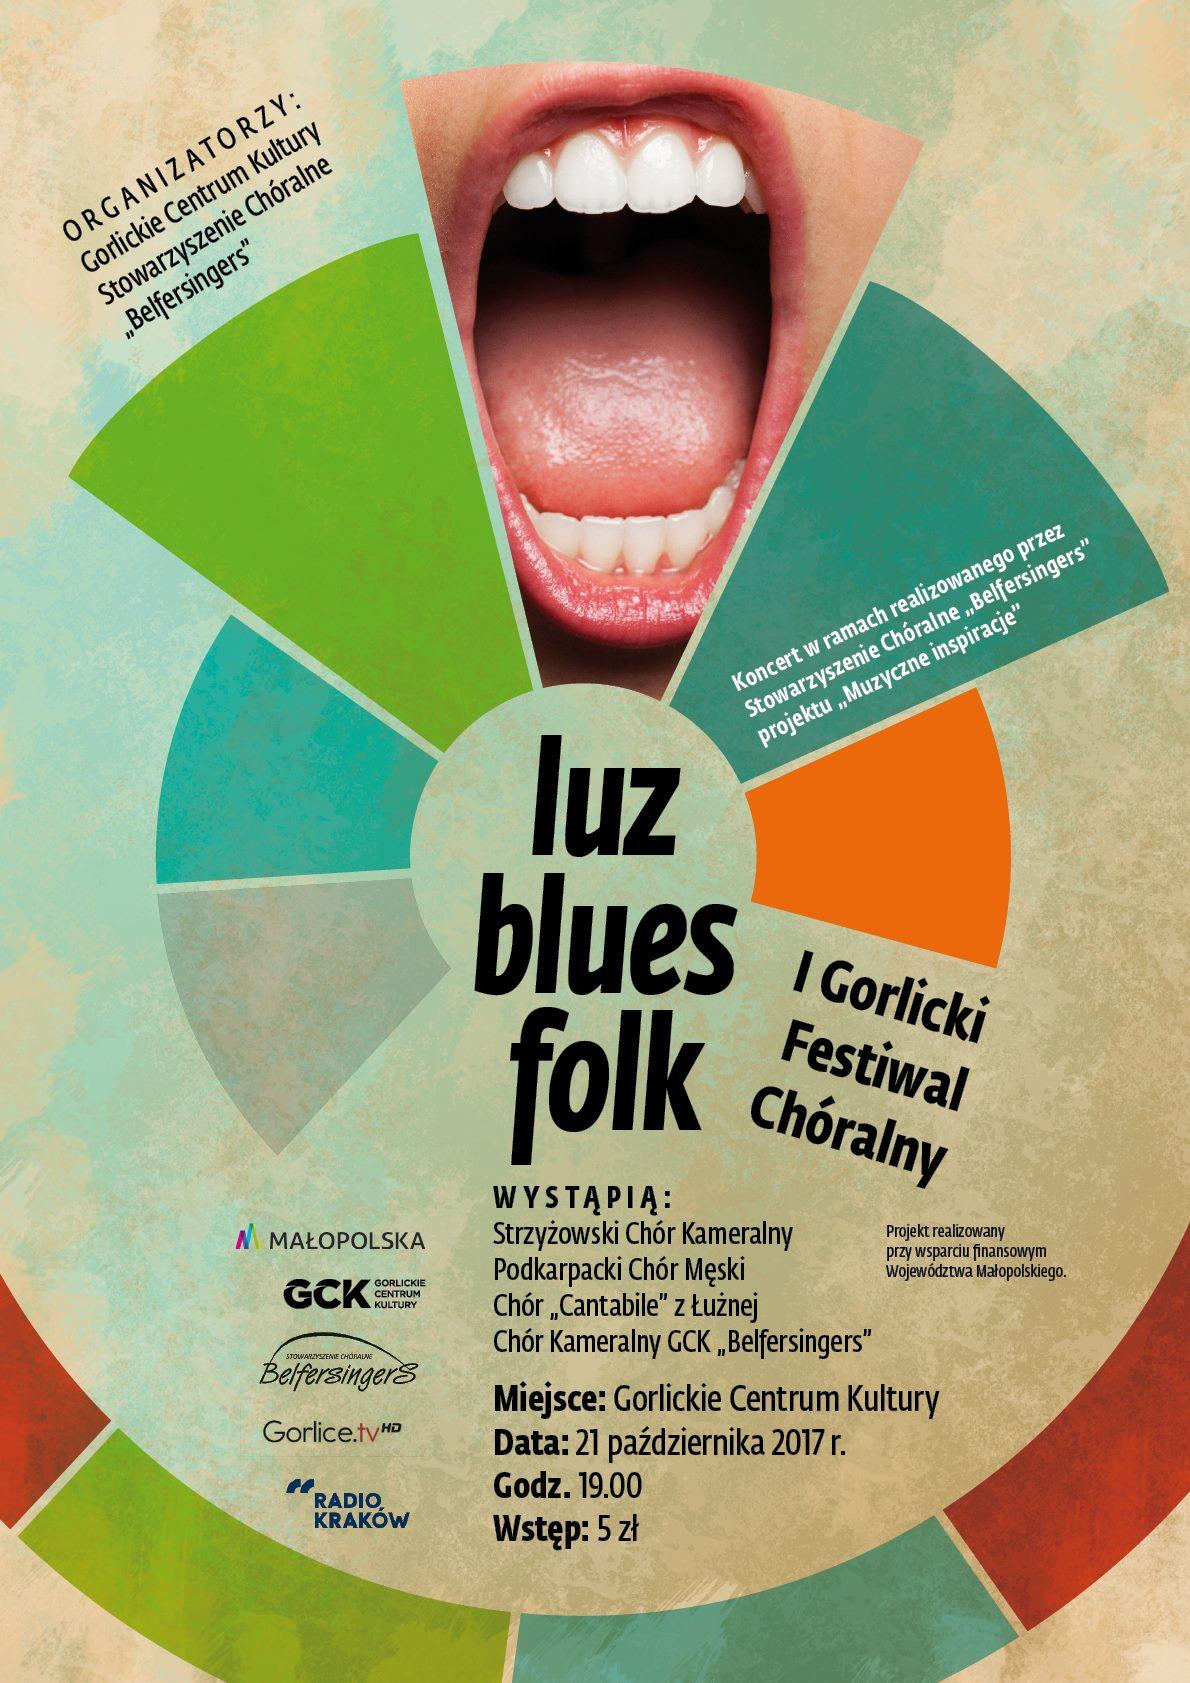 Zaproszenie na I Gorlicki Festiwal Chóralny - 21 października 2017